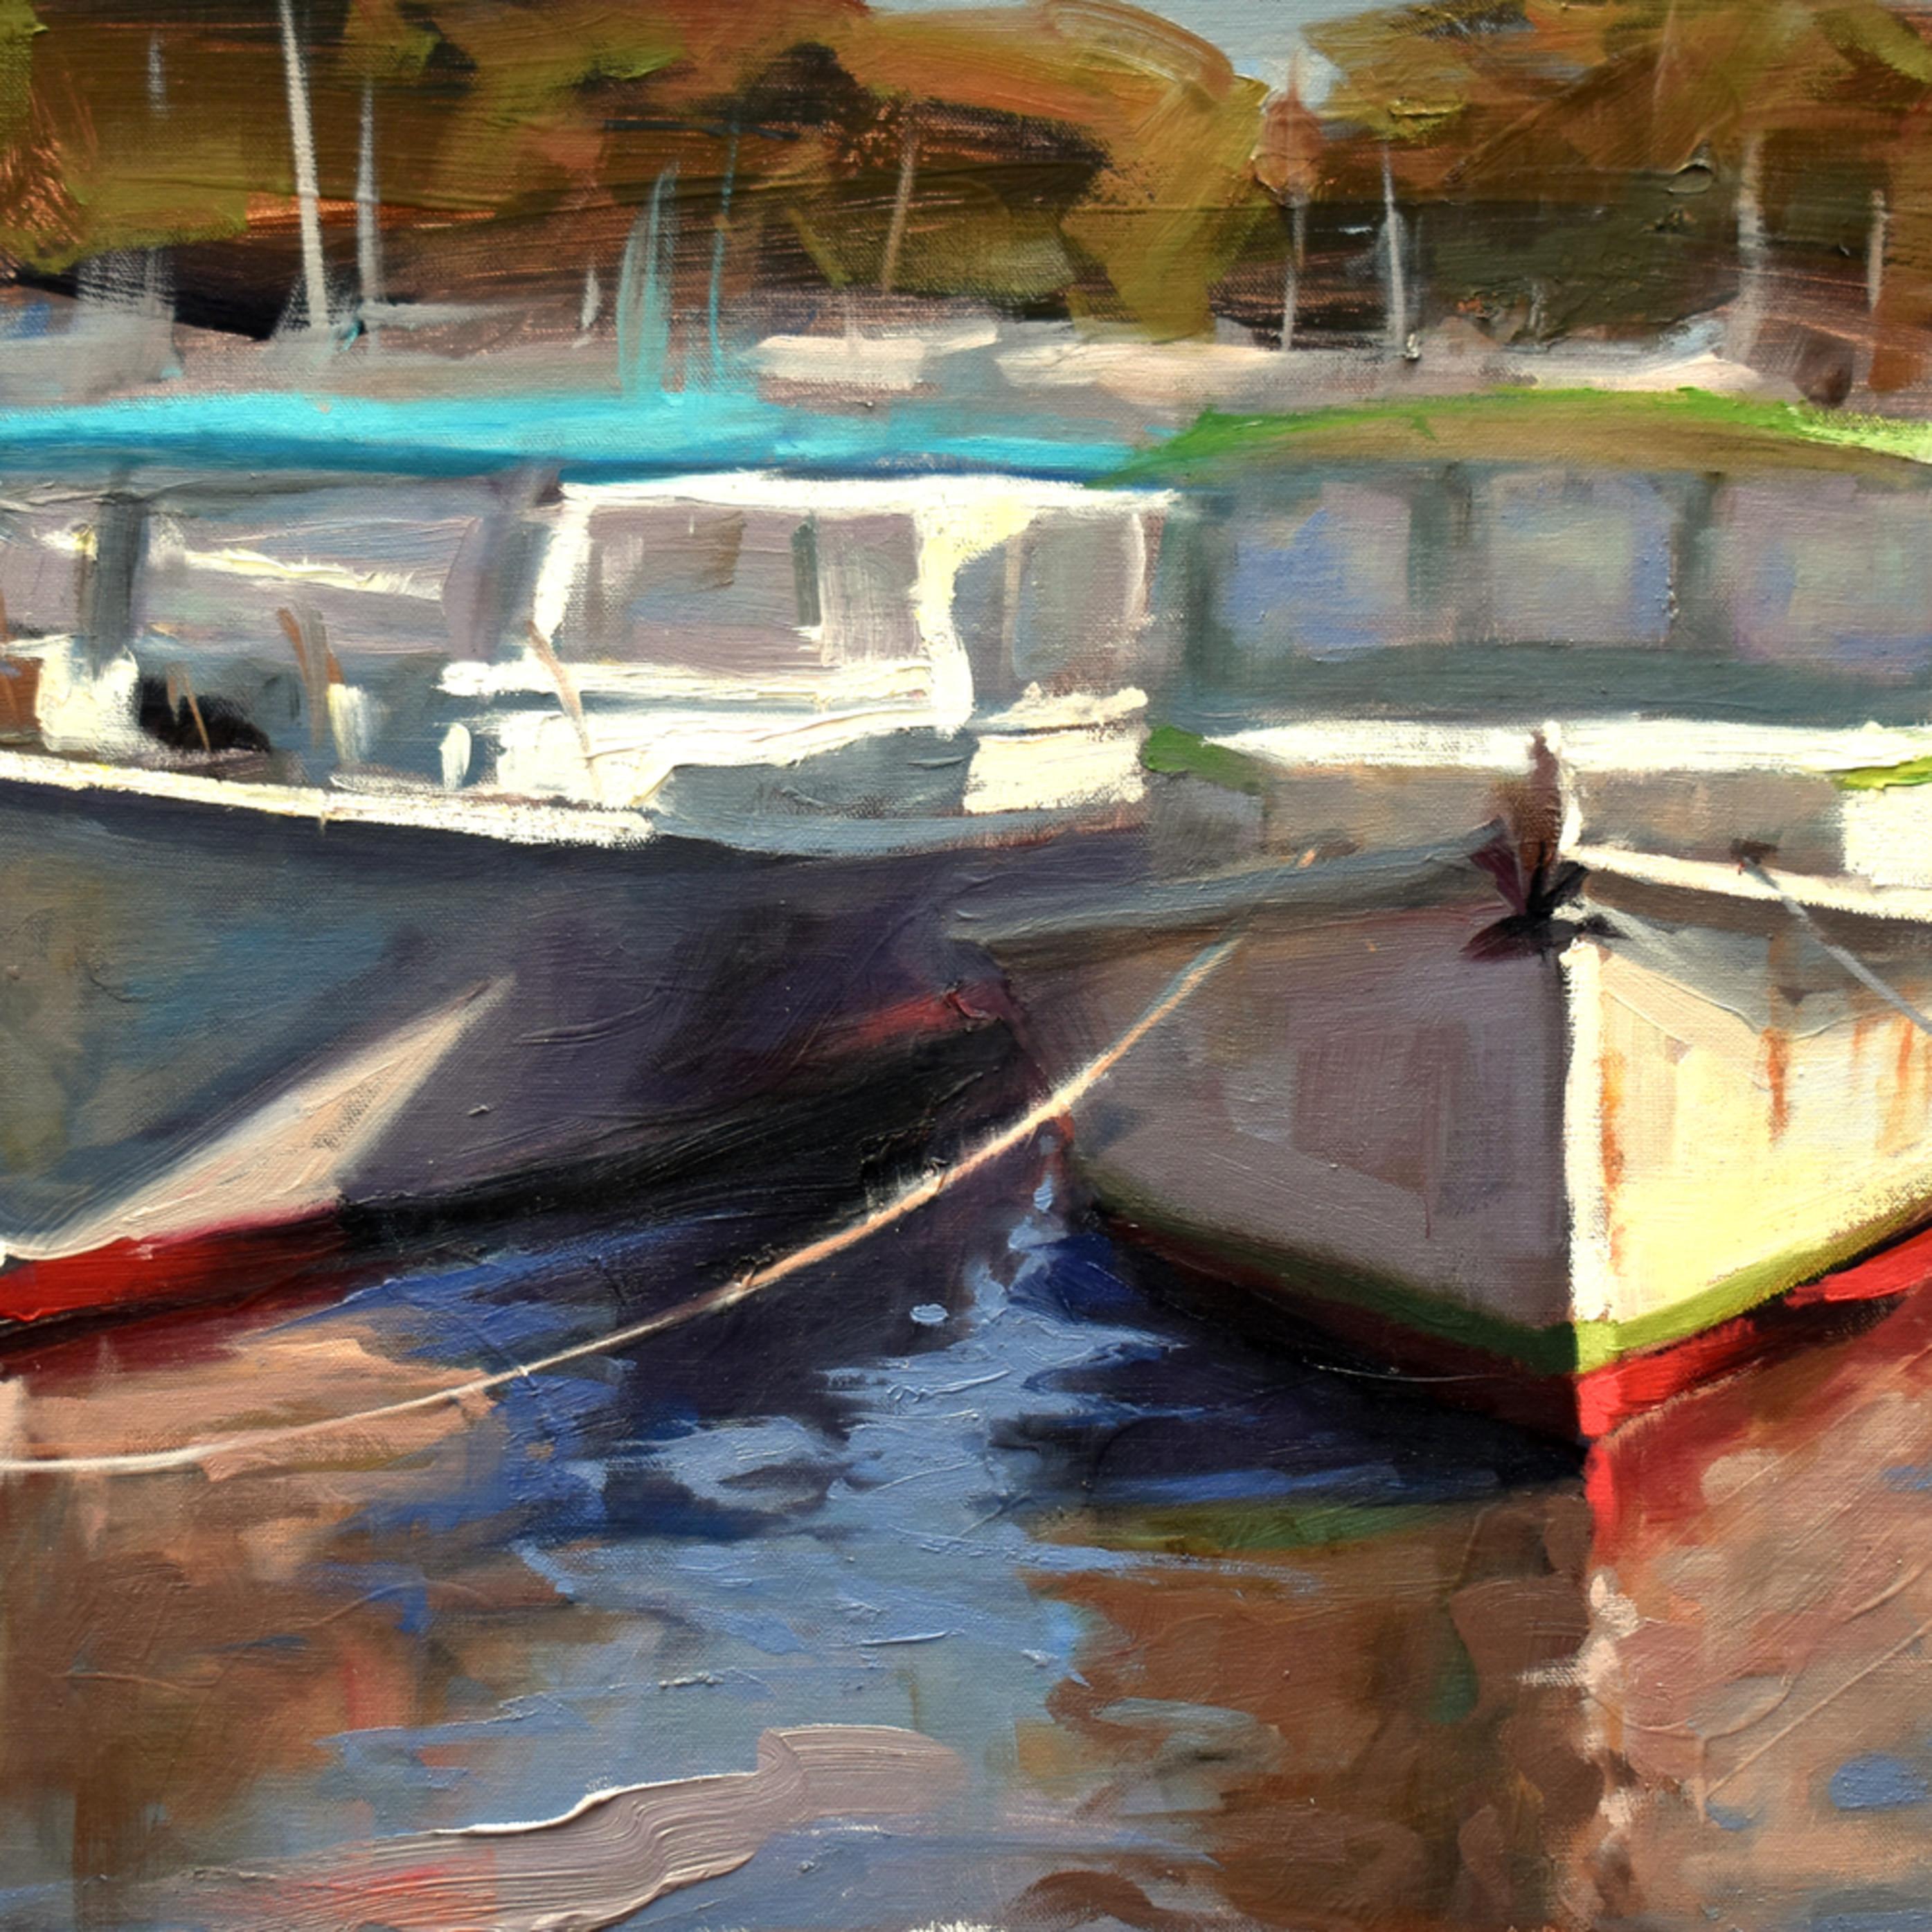 Lunch boats 24x13 oil 2020 jn0jrw